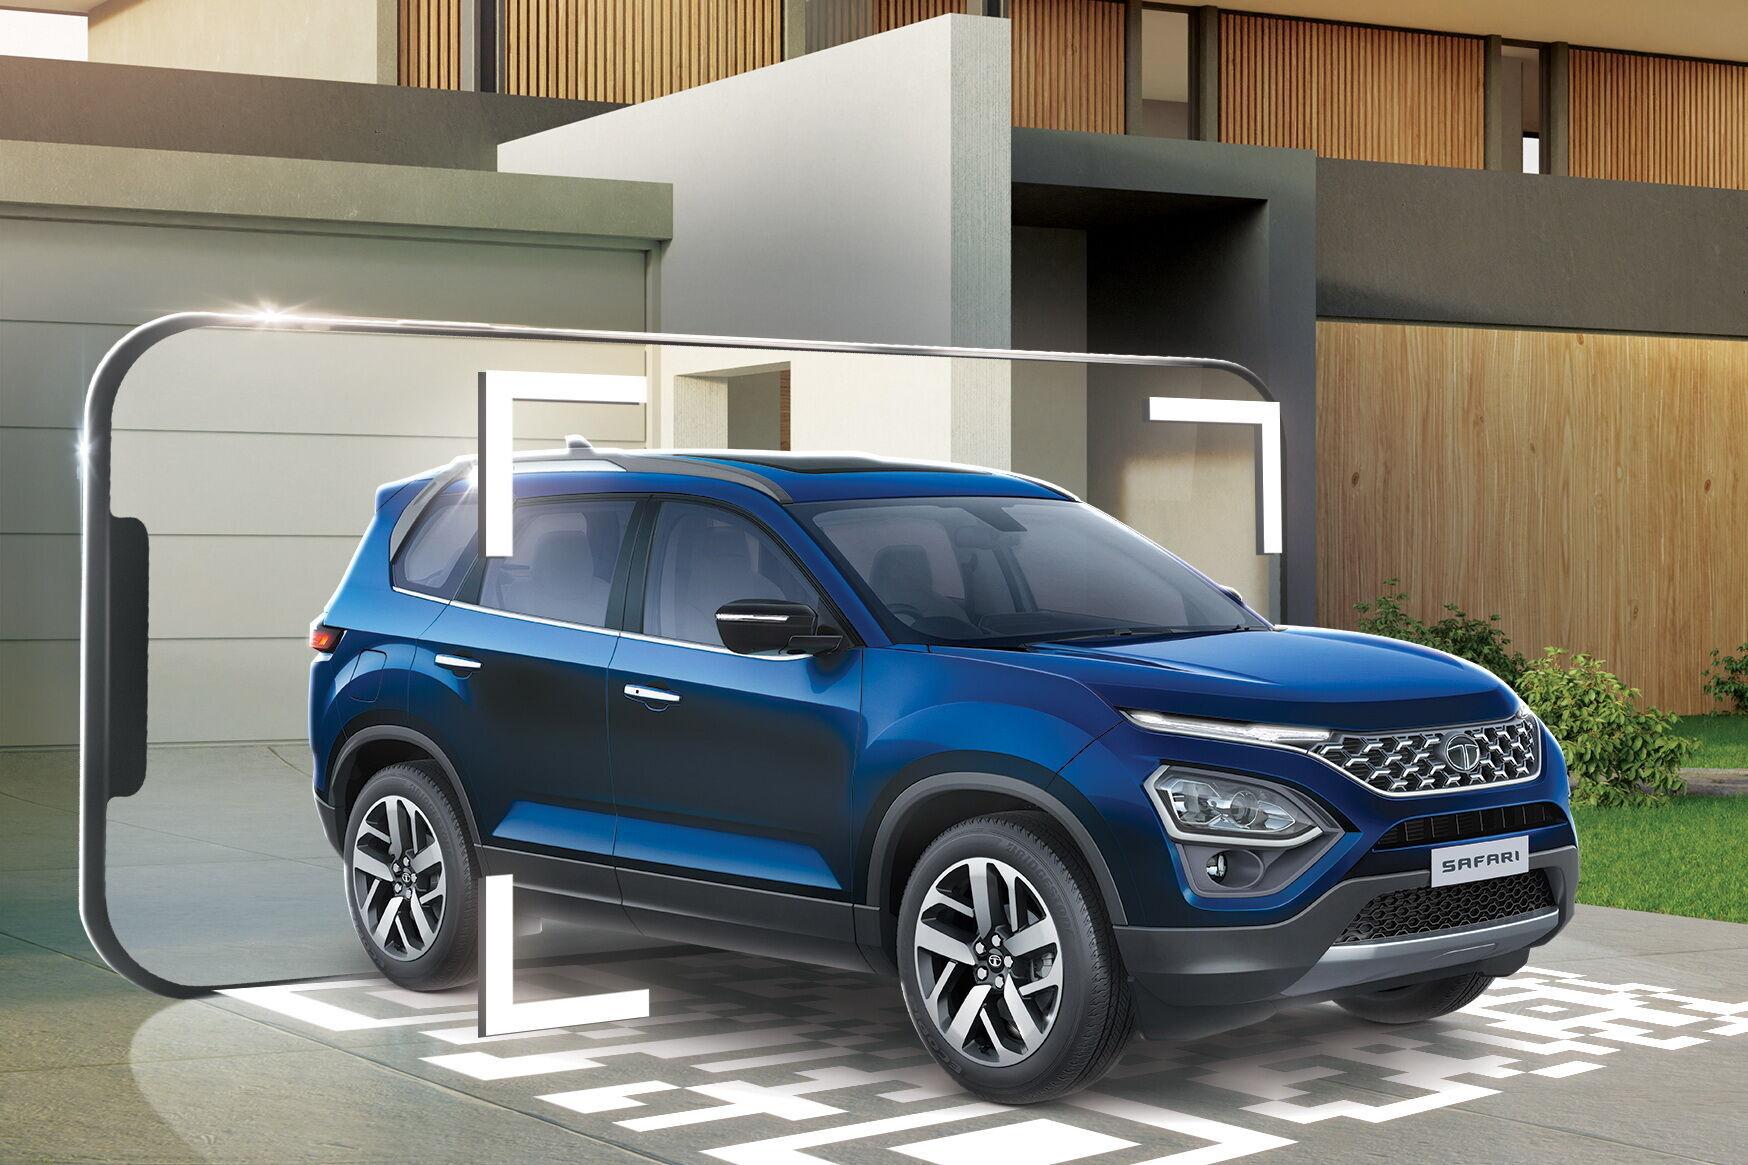 Концепт Buzzard перетворився в серійний SUV Safari